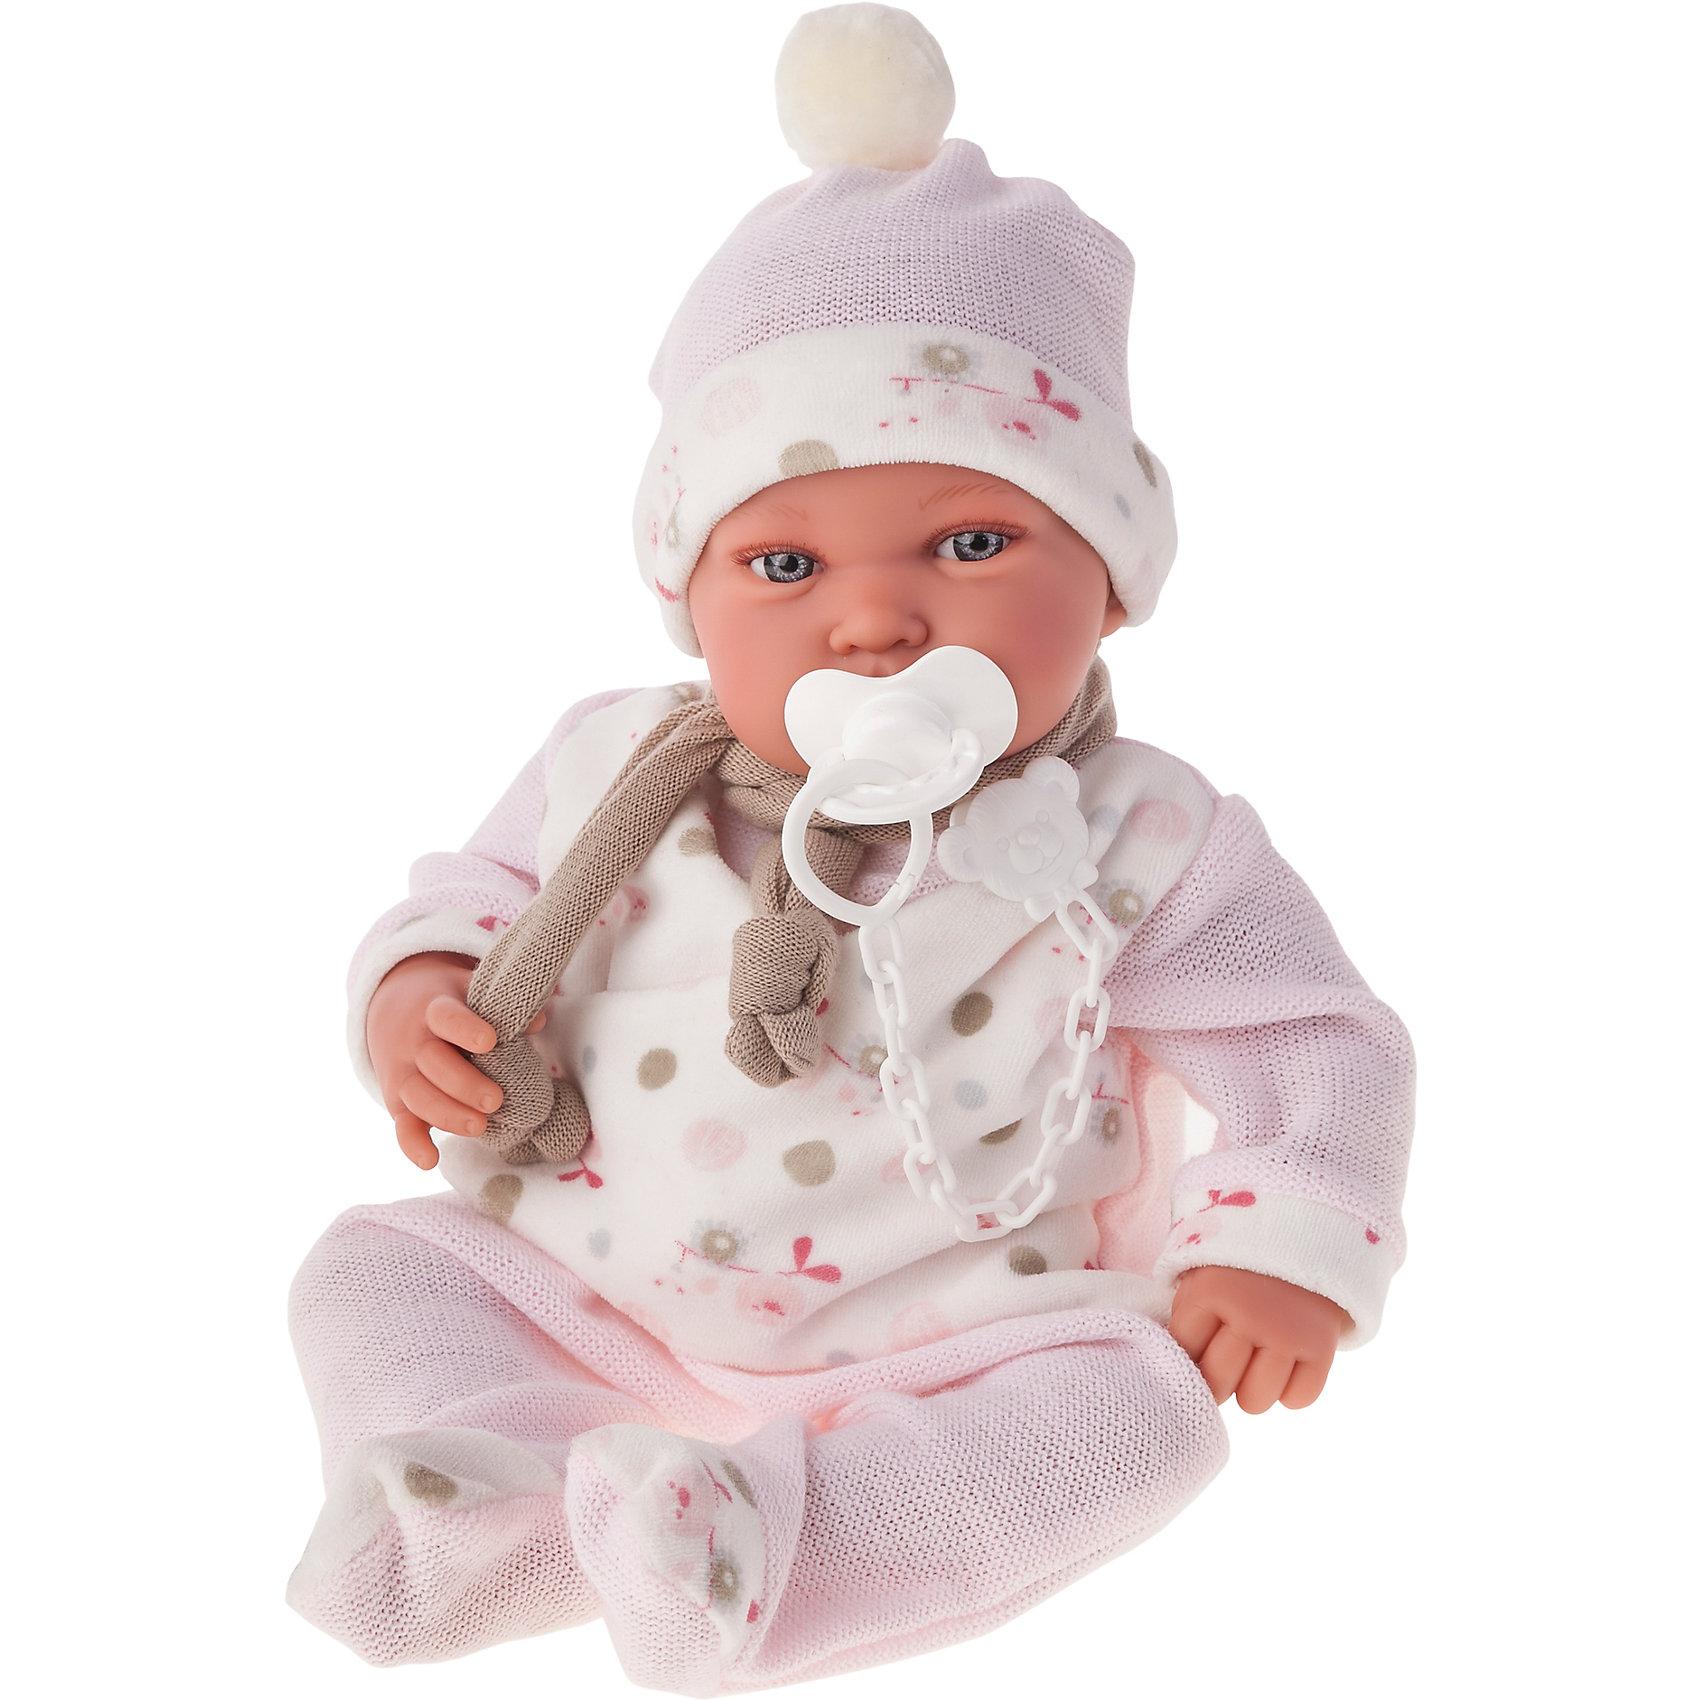 Кукла Камилла в розовом, 40 см, Munecas Antonio JuanКукла Камилла в розовом 40 см, Munecas Antonio Juan (Мунекас от Антонио Хуан) ? это очаровательная малышка от всемирно известного испанского бренда Мунекас от Антонио Хуан, который знаменит своими реалистичными куклами. Кукла изготовлена из винила высшего качества, ее тело ? мягконабивное, ручки и ножки подвижны, глазки не закрываются. <br>Выразительный взгляд голубых глазах, нежные черты лица, розовые щечки, пухленькие губки и курносый носик. Камилла умеет смеяться, если ему нажать на животик, при последующих нажатиях пупс произносит слова «мама» и «папа».<br>Кукла Камилла в розовом, 40 см, Munecas Antonio Juan (Мунекас от Антонио Хуан) разработана с учетом анатомических особенностей и мимики младенцев. Играя с пупсом, ваш ребенок реалистично проживает роль «мамы», учится ухаживать за малышом, заботиться о нем.<br>В комплекте с куклой идет соска, если ее достать из ротика ? малыш начинает плакать. Малышка Камилла можно смело брать с собой на прогулку: у него теплый дизайнерский комплект одежды, шапочка и теплый шарфик. Весь комплект одежды и его продуманные детали направлены на то, чтобы способствовать формированию чувства стиля и вкуса в одежде у вашей девочки.<br>Куклы JUAN ANTONIO munecas (Мунекас от Антонио Хуан) ? мечта девочки любого возраста!<br><br>Дополнительная информация:<br><br>- Вид игр: сюжетно-ролевые игры <br>- Дополнительные функции: смеется, произносит «мама» и «папа»<br>- Комплектация: кукла, соска<br>- Материал: пластик, винил, текстиль<br>- Высота куклы: 40 см<br>- Вес: 3 кг 300 г<br>- Особенности ухода: одежда ? ручная стирка, саму куклу мыть не рекомендуется <br><br>Подробнее:<br><br>• Для детей в возрасте: от 3 лет и до 6 лет<br>• Страна производитель: Испания<br>• Торговый бренд: JUAN ANTONIO munecas <br><br>Куклу Камиллу в розовом, 40 см, Munecas Antonio Juan (Мунекас от Антонио Хуан) (Мунекас от Антонио Хуан) можно купить в нашем интернет-магазине.<br><br>Ширина мм: 505<br>Глубина мм: 26